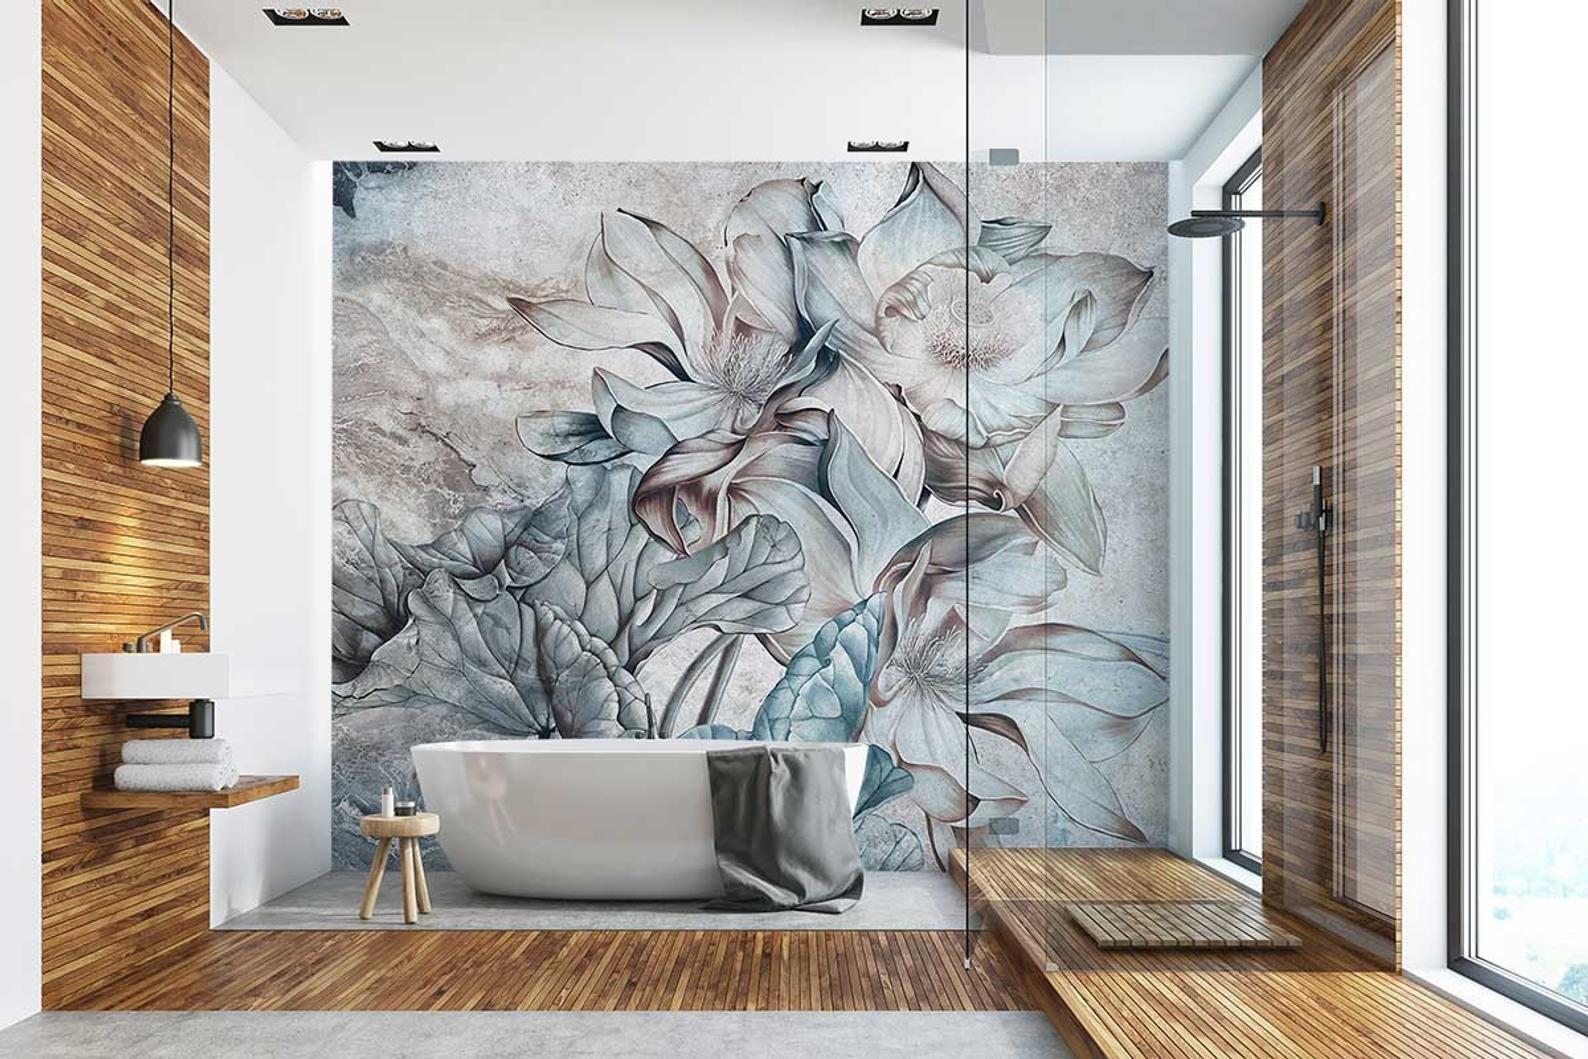 Calipso Customized Unique Wallpaper Removable Washable And Reusable In 2021 Unique Wallpaper Design Bathroom Design Small